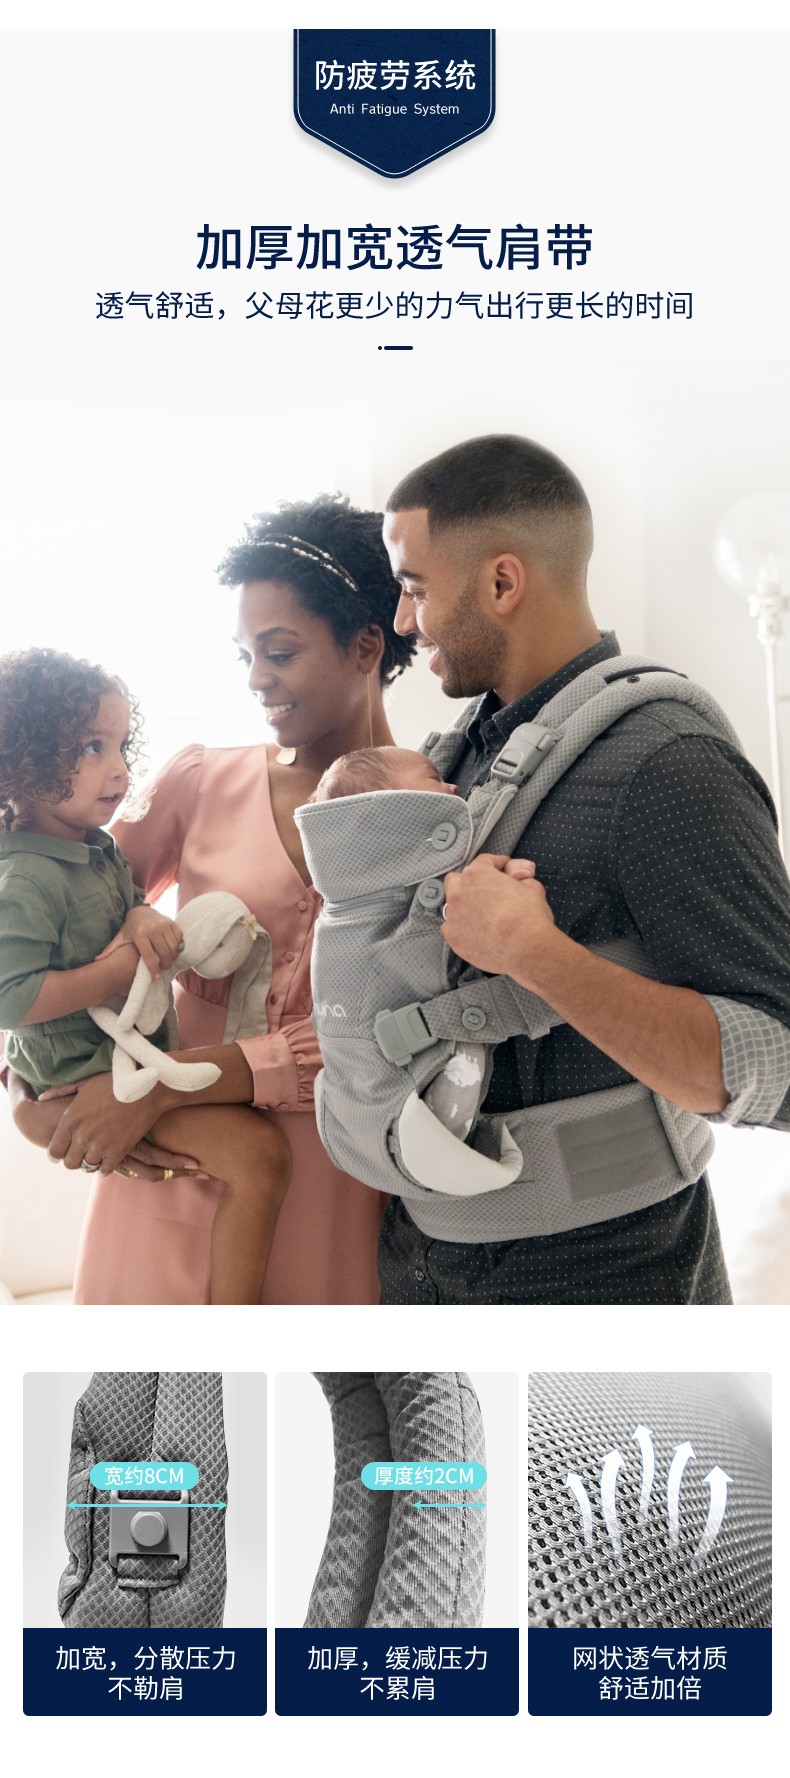 背嬰帶 荷蘭Nuna CUDL嵌入式新生兒坐墊可調整式設計背帶 caviar黑色現貨(紅點設計款)